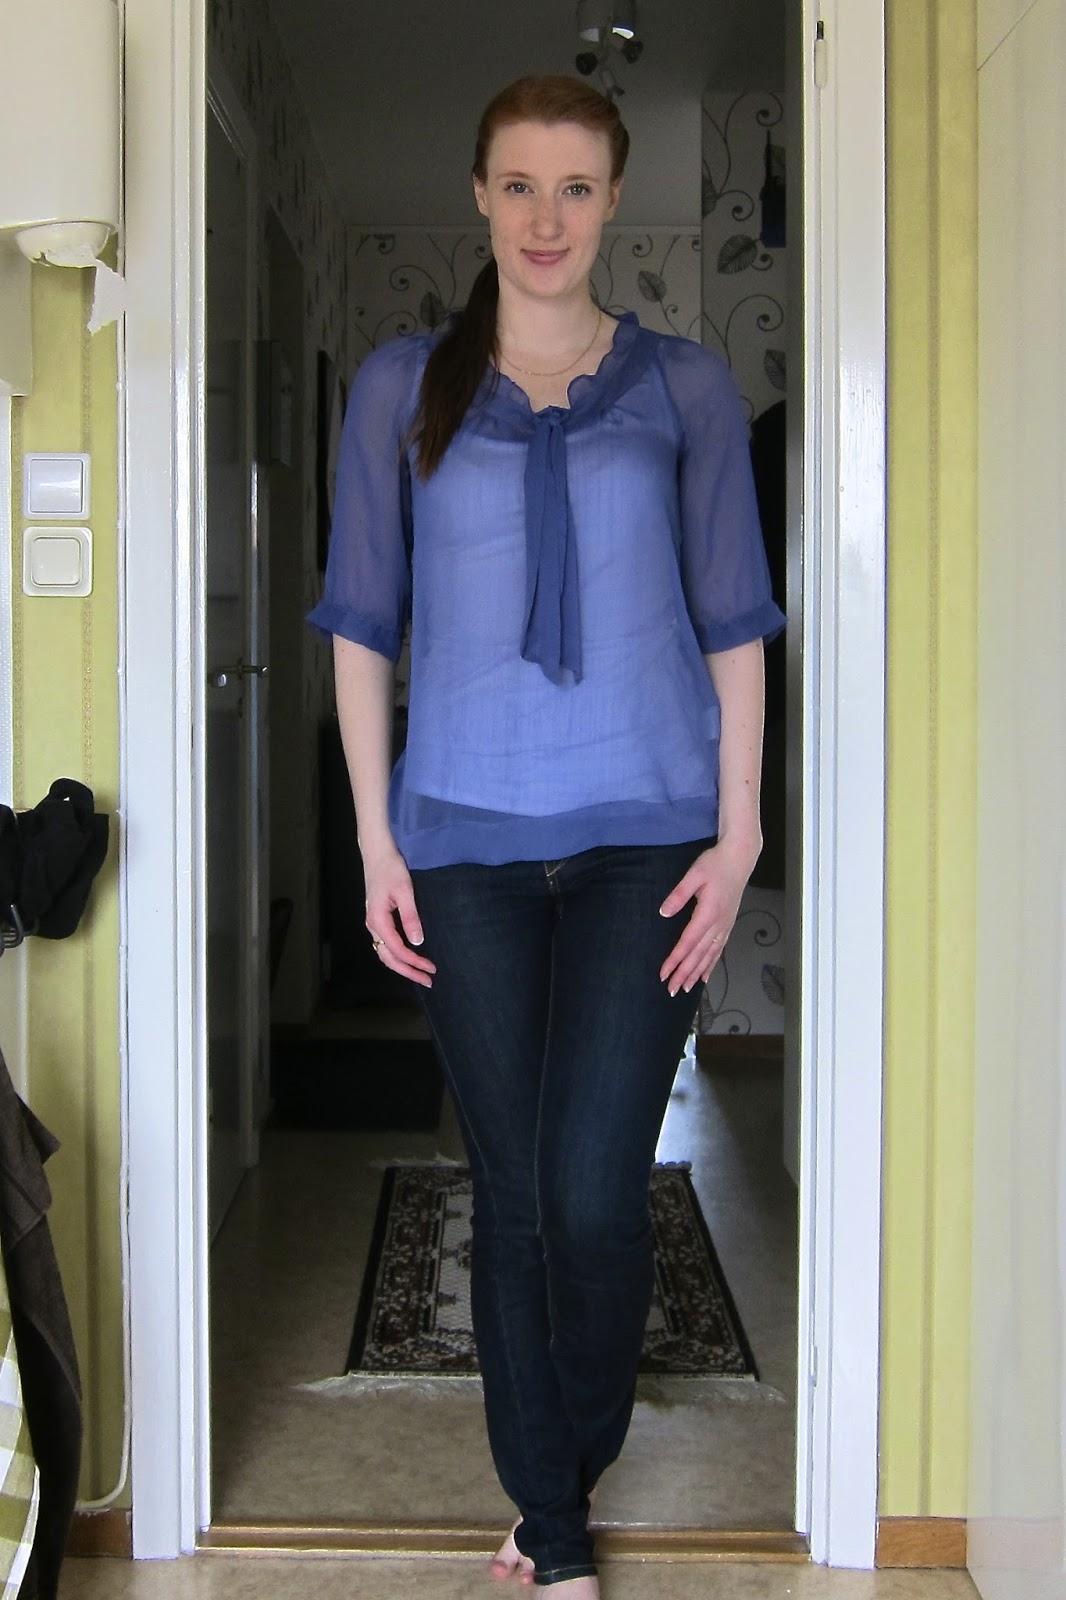 ed7377b9d8d6 Blus - Bik Bok, 2010 Linne - 365 Sunshine, 2012 Jeans - Dobber, 2012